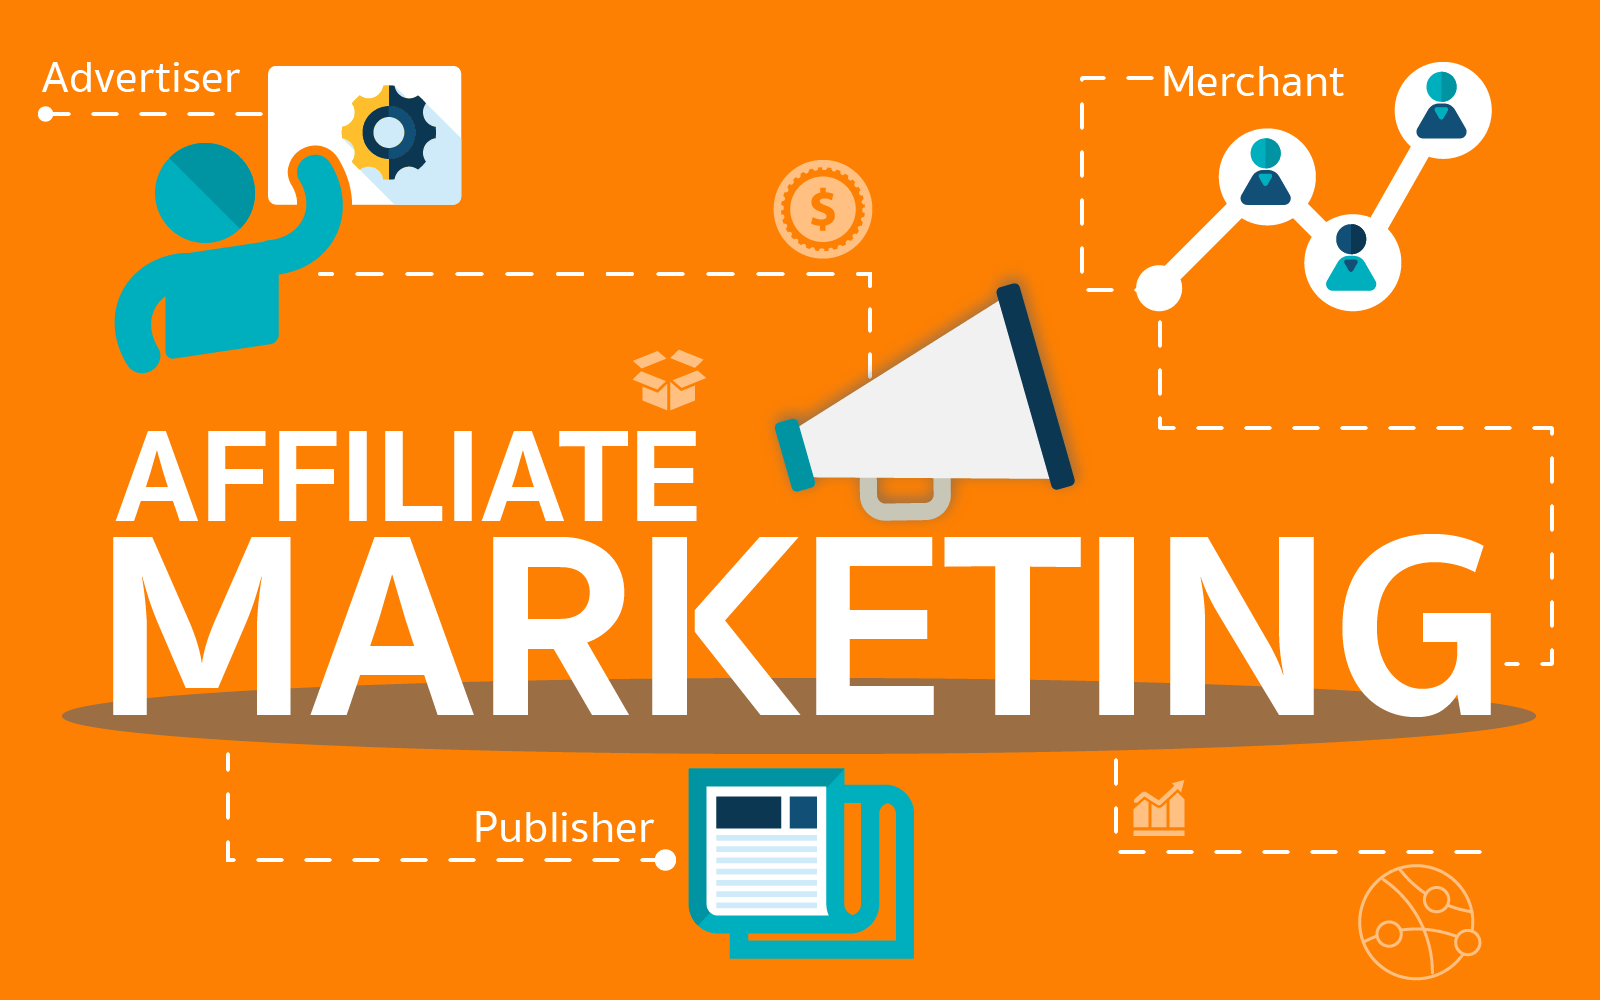 Cách bán hàng affiliate marketing trên website với tỷ lệ thành công cao